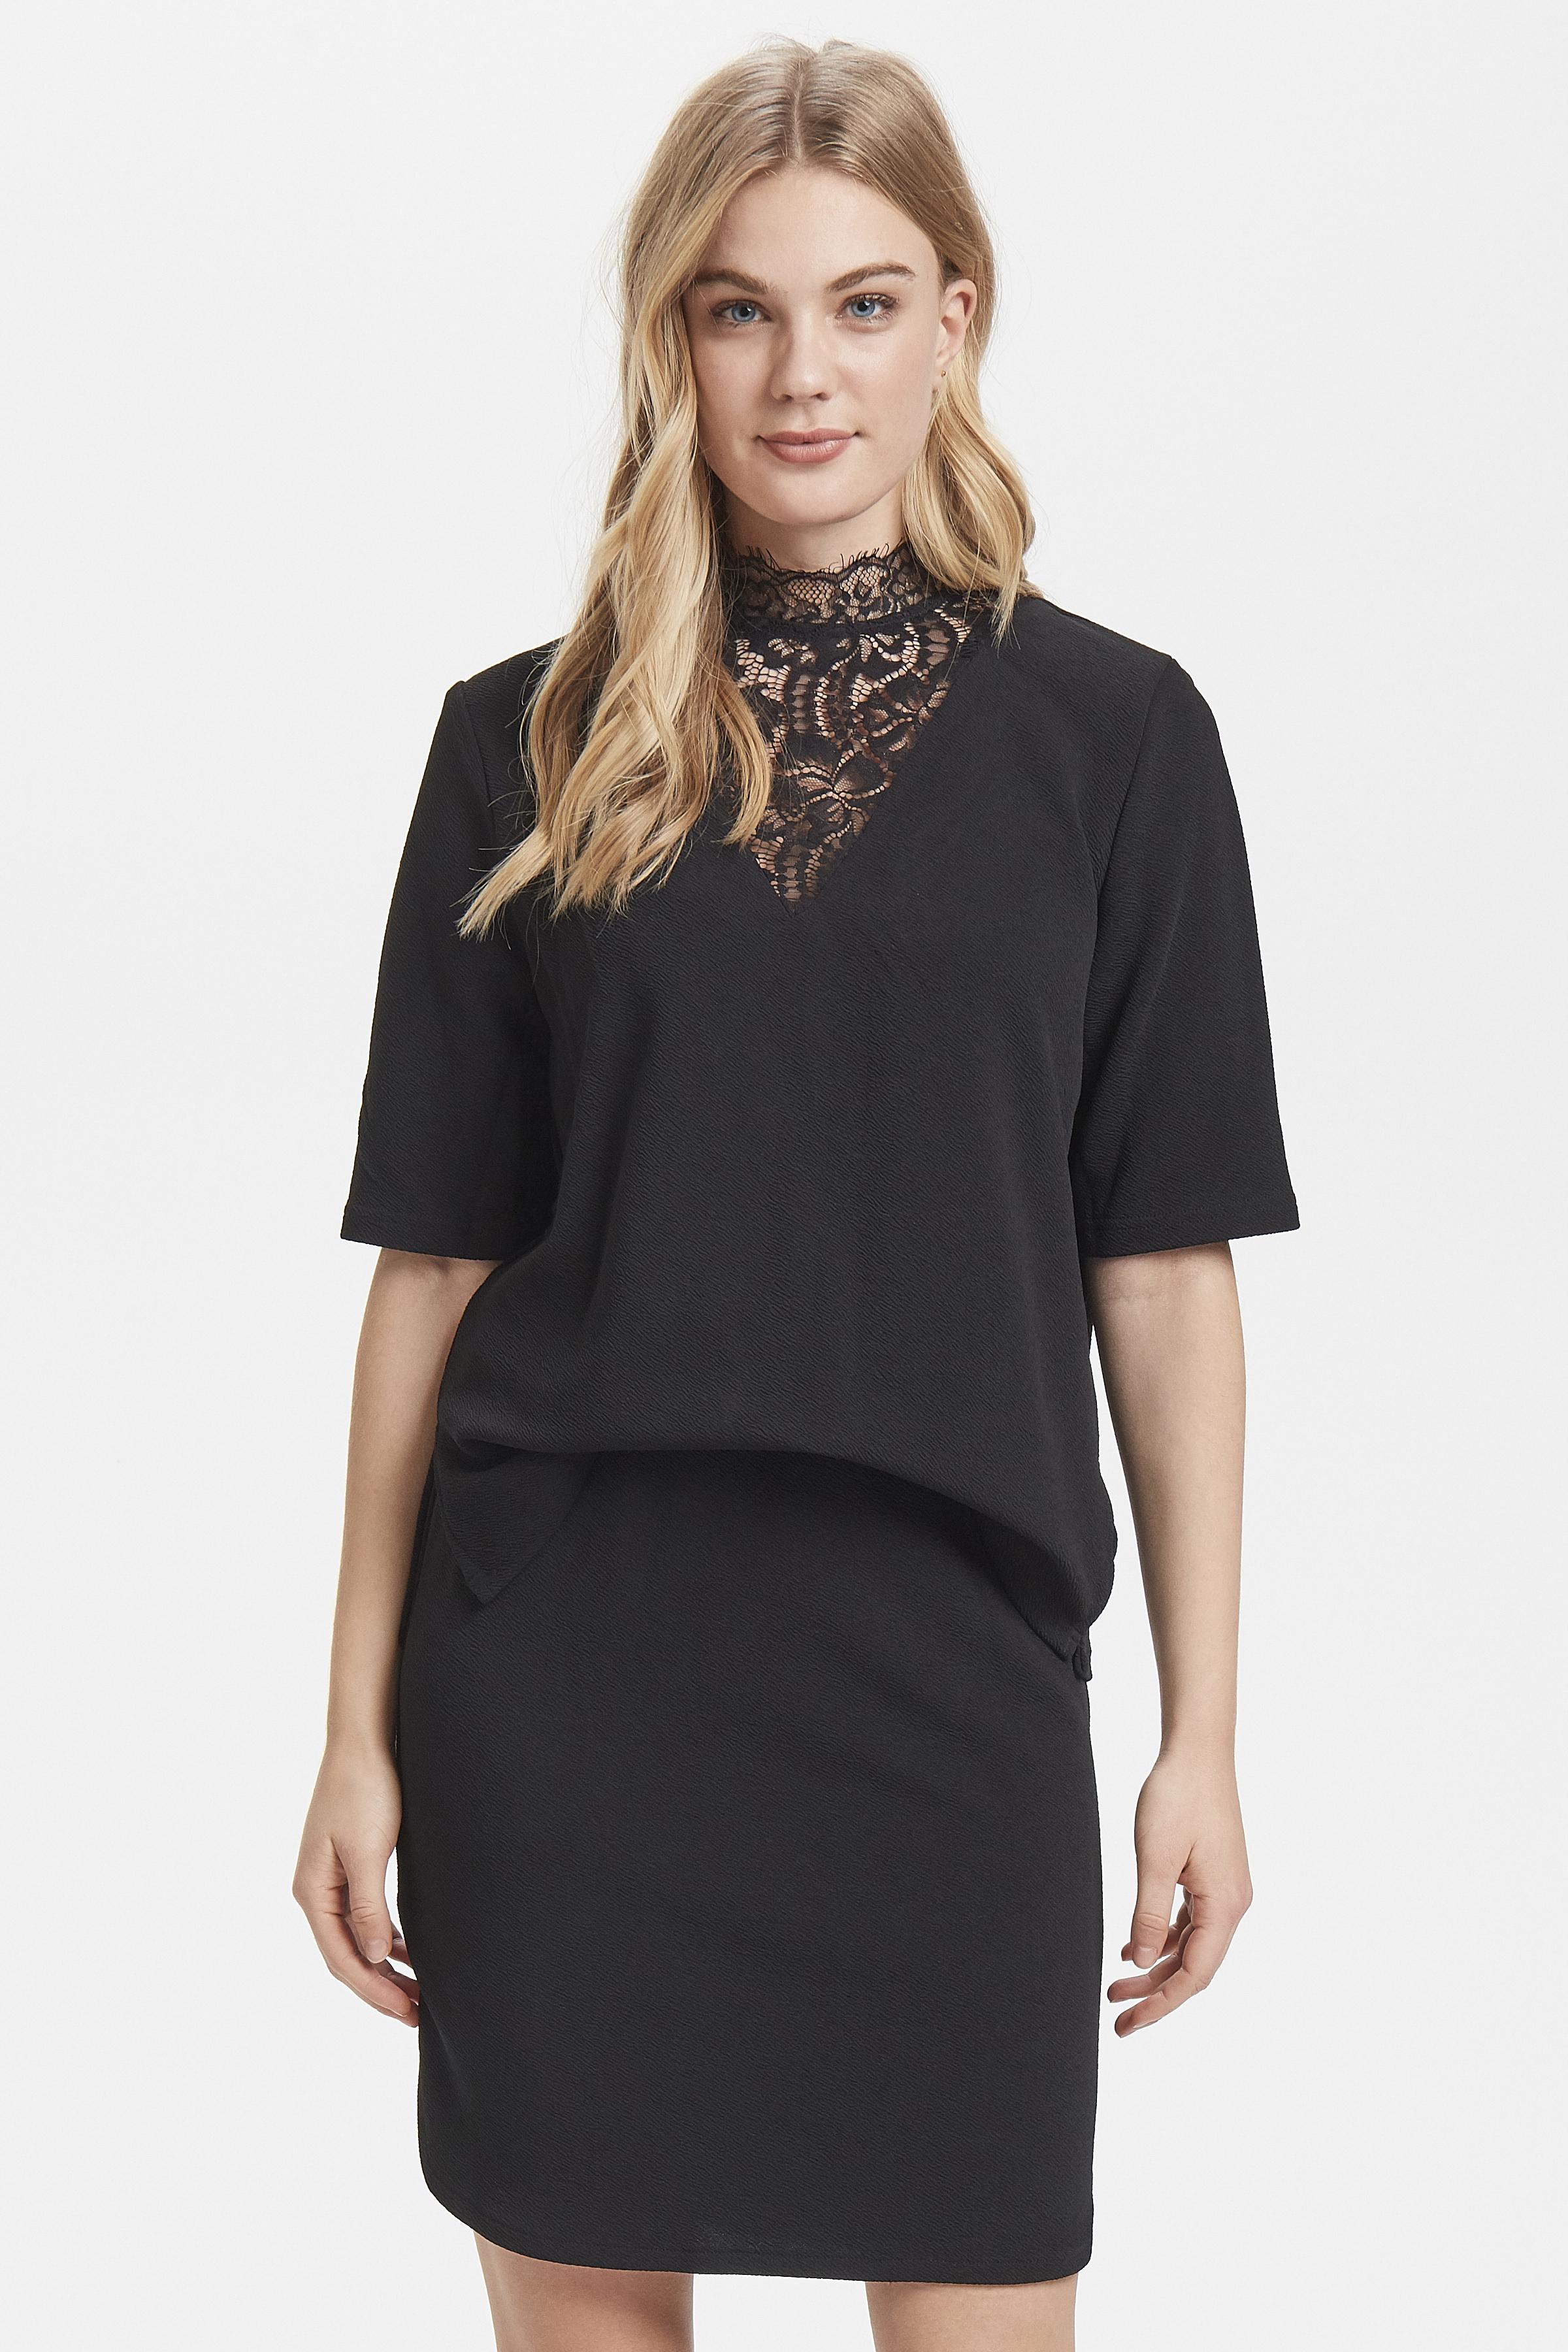 Black Jerseykleid von b.young – Kaufen Sie Black Jerseykleid aus Größe XS-XL hier